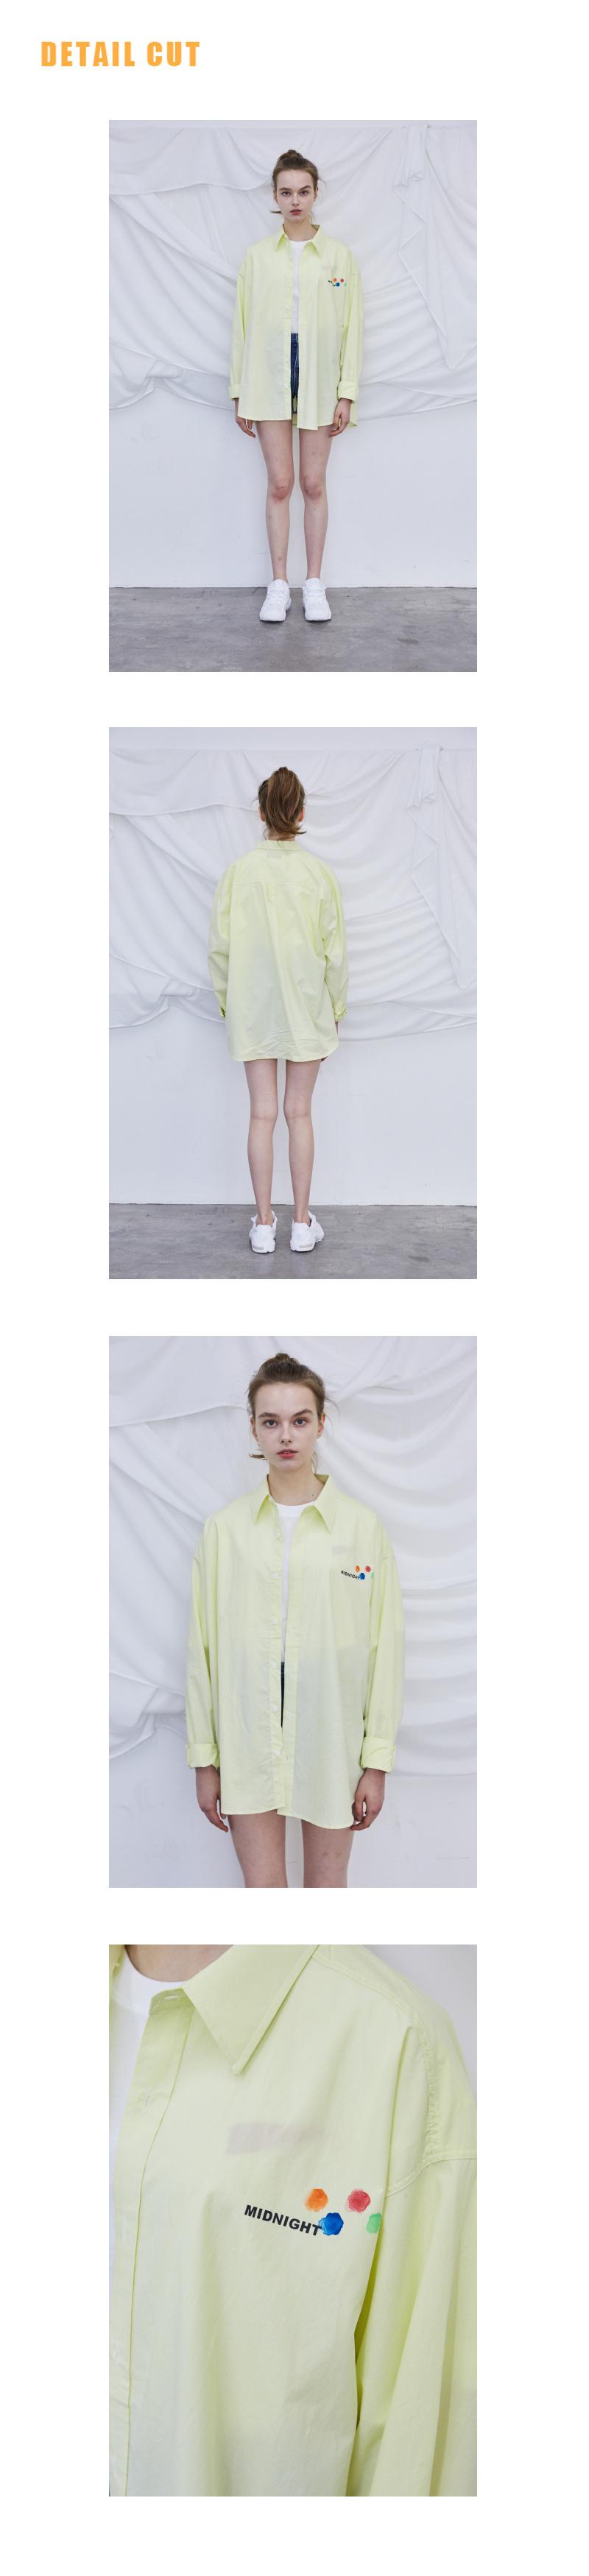 미드나잇 무브(MIDNIGHT MOVE) [unisex] 로고 셔츠 (light yellow)